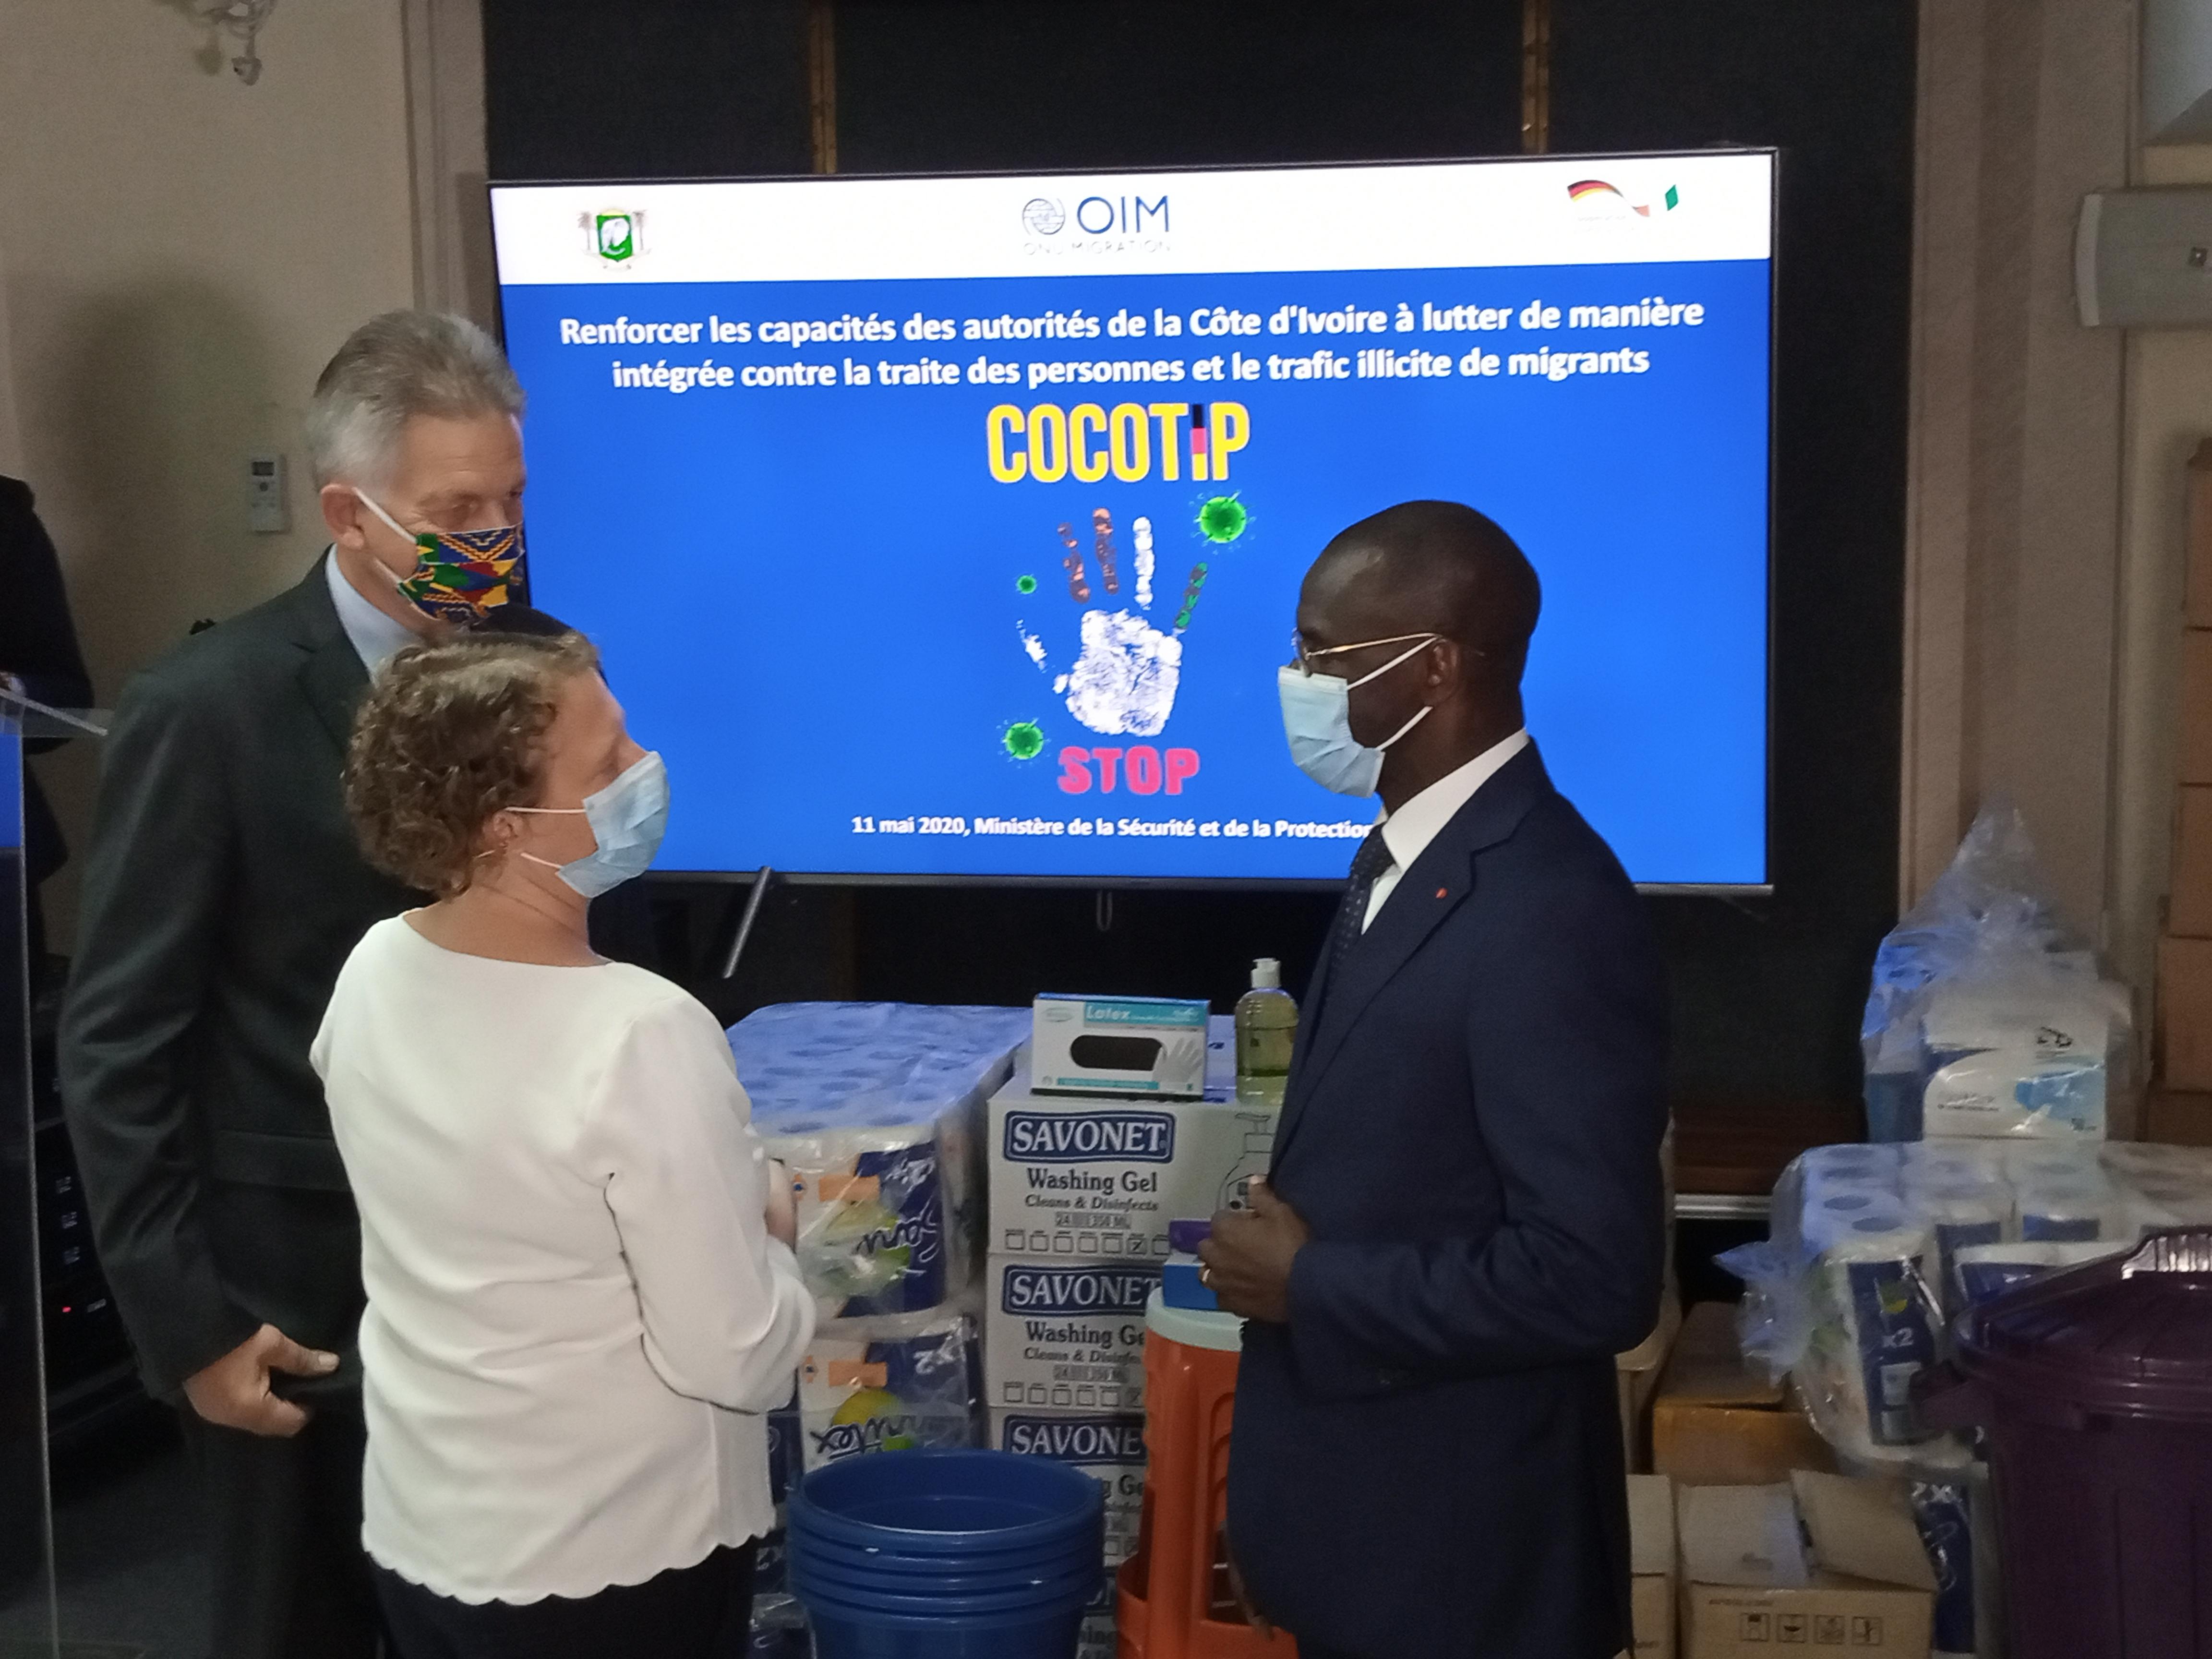 Côte d'Ivoire/Gestion du Covid-19 aux points d'entrée : L'OIM fait don d'équipements sanitaires aux agents des postes frontaliers terrestres